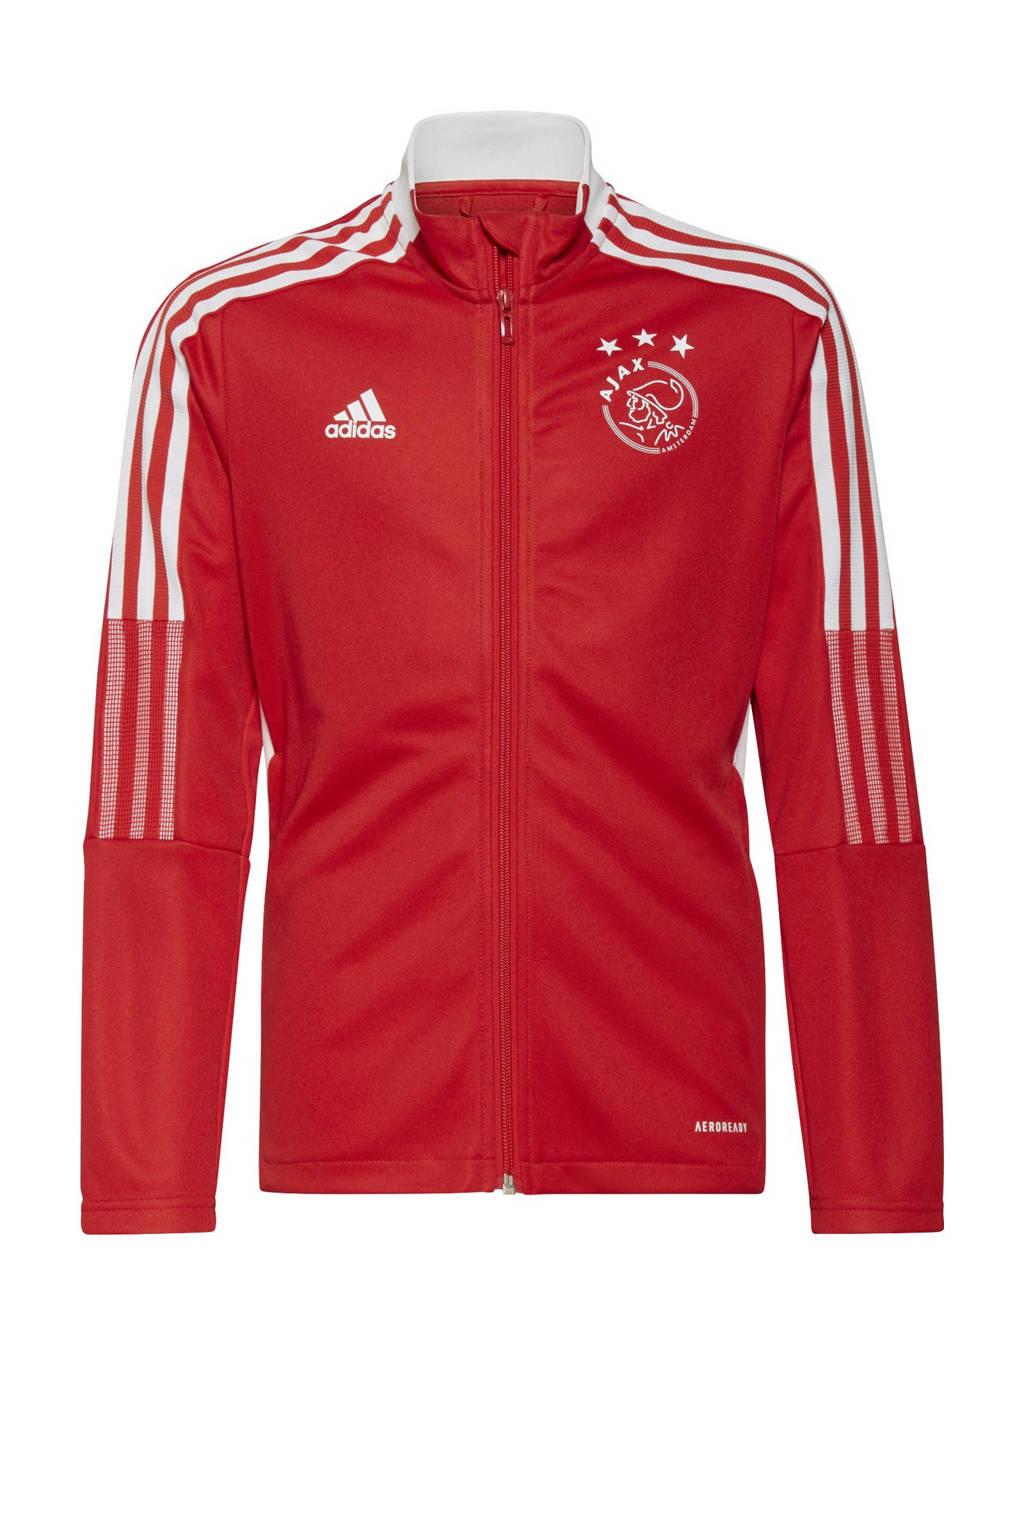 adidas Performance Junior Ajax Amsterdam voetbalvest, Rood